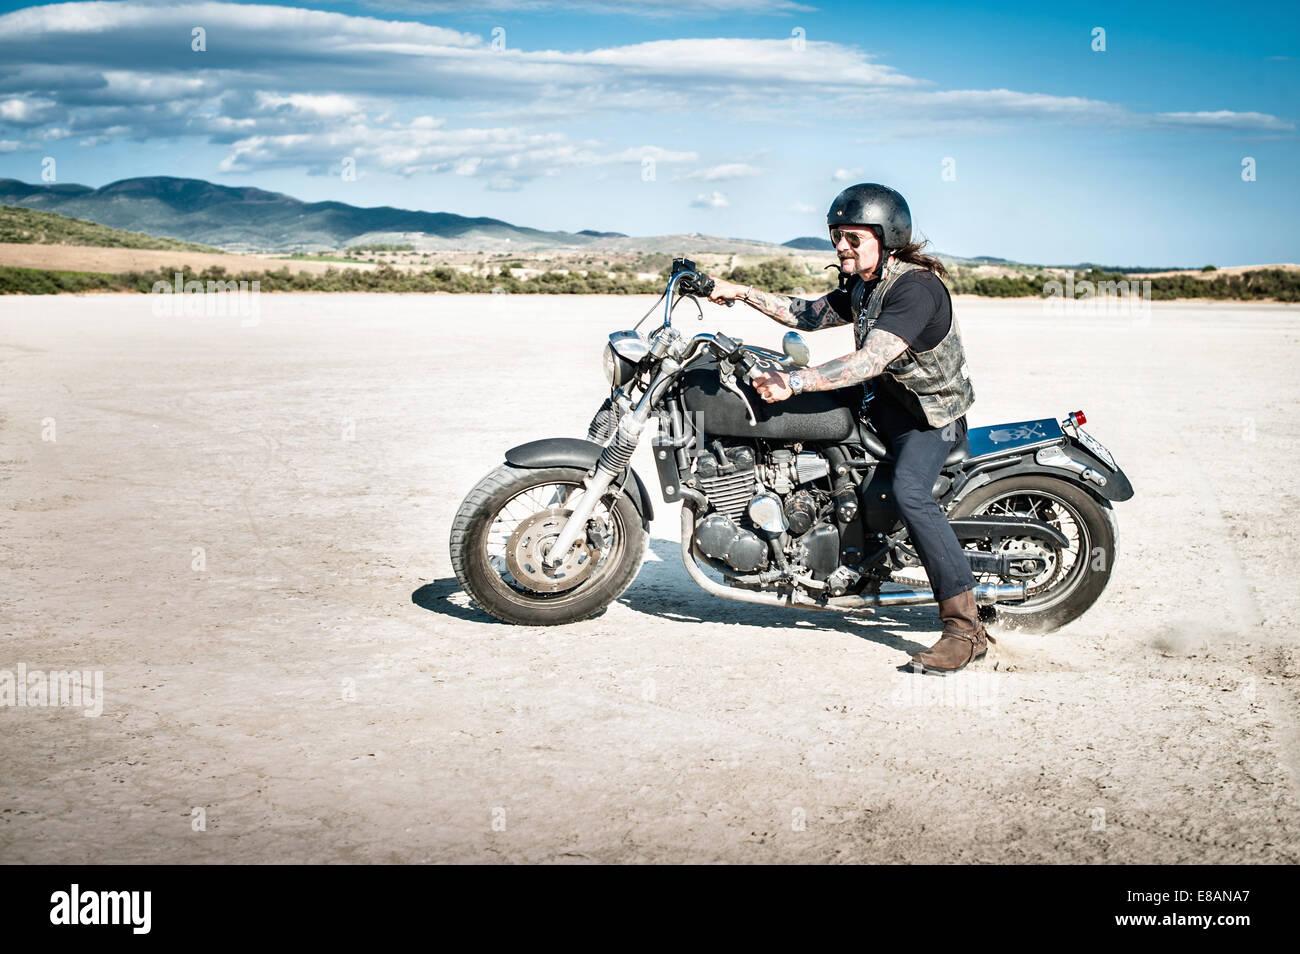 Motociclista macho en la árida llanura, Cagliari, Cerdeña, Italia Imagen De Stock